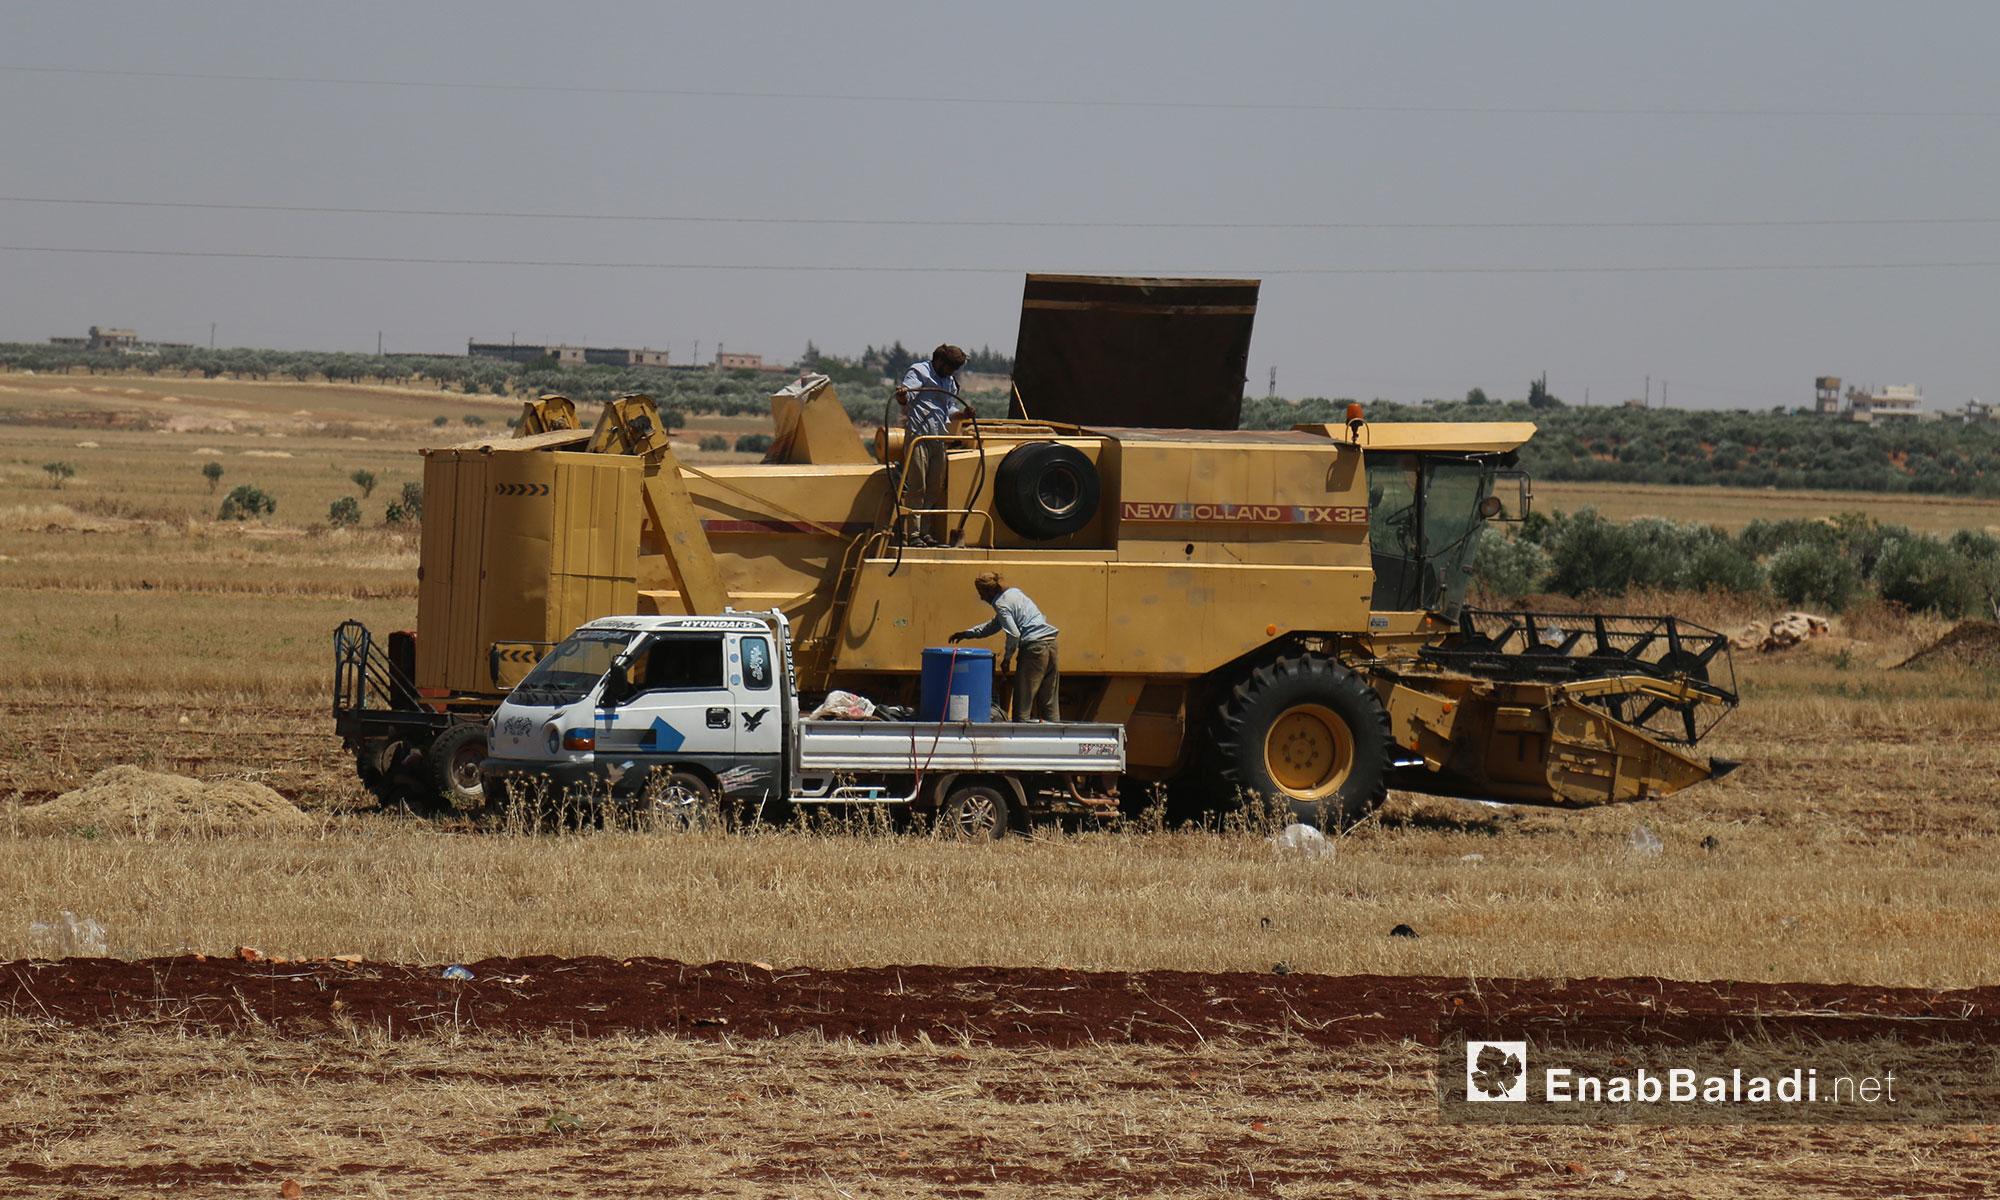 حصادة القمح تحصد المحاصيل بعد نضوجها في أراضي إدلب الزراعية - 12 حزيران 2017 (عنب بلدي)